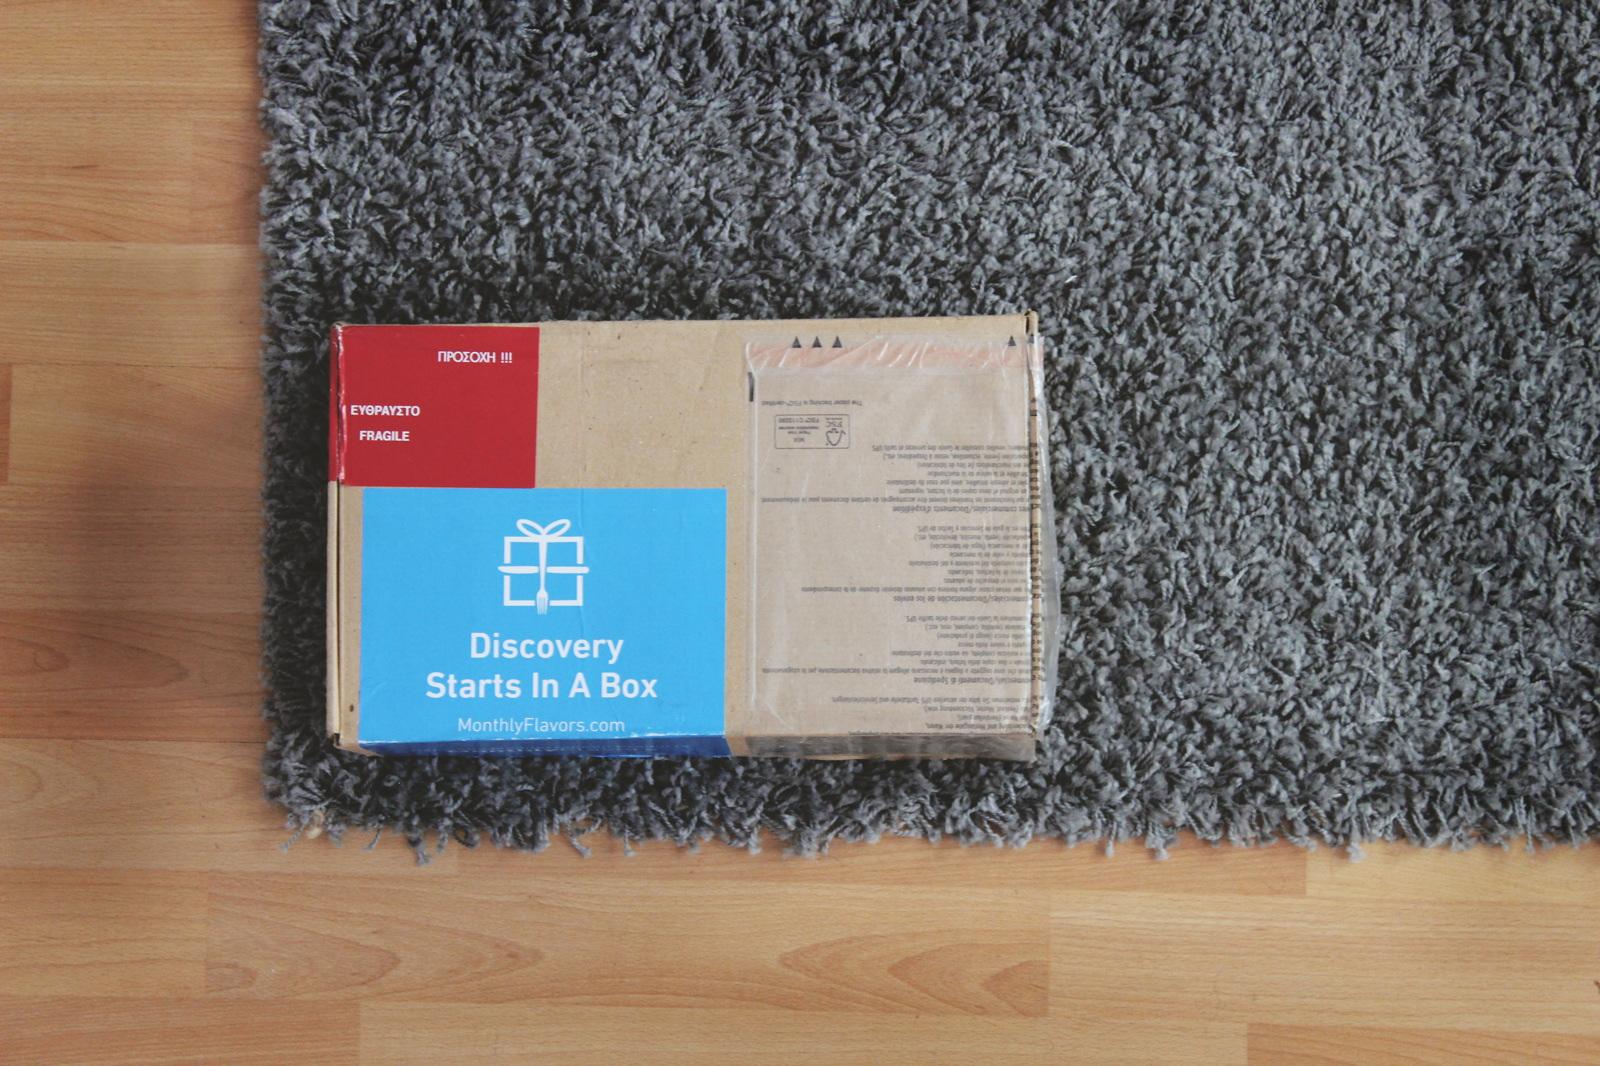 monthlyflavors-du-bist-grieche-lebensmittel-griechenland-001-paket